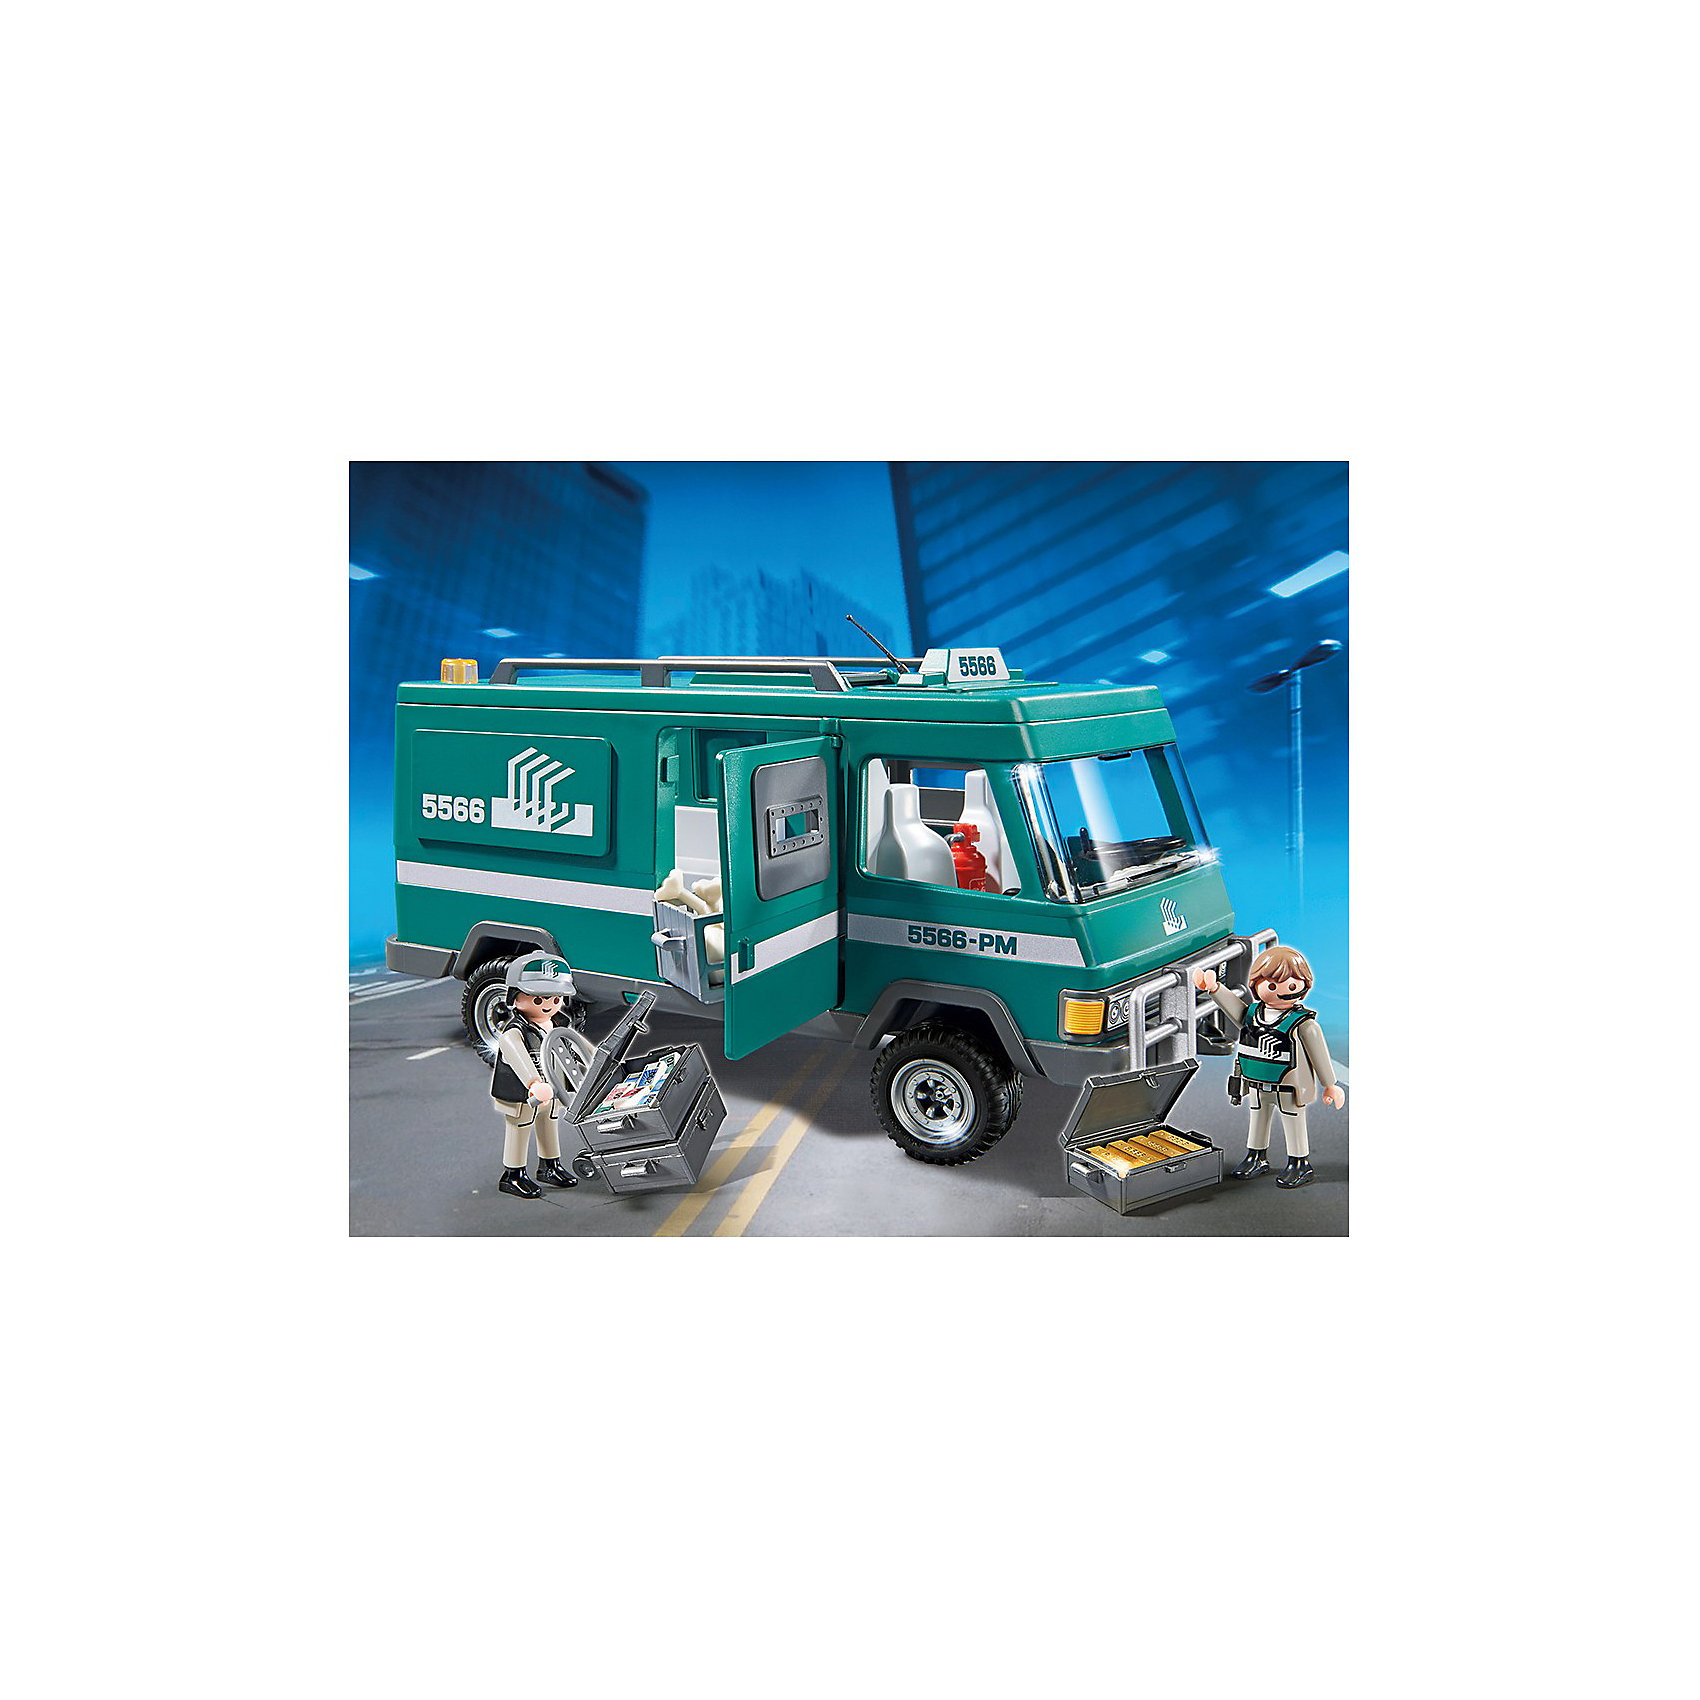 PLAYMOBIL® Инкассаторский автомобиль, PLAYMOBIL купить автомобиль в москве с расходом топлива до 5л 100км